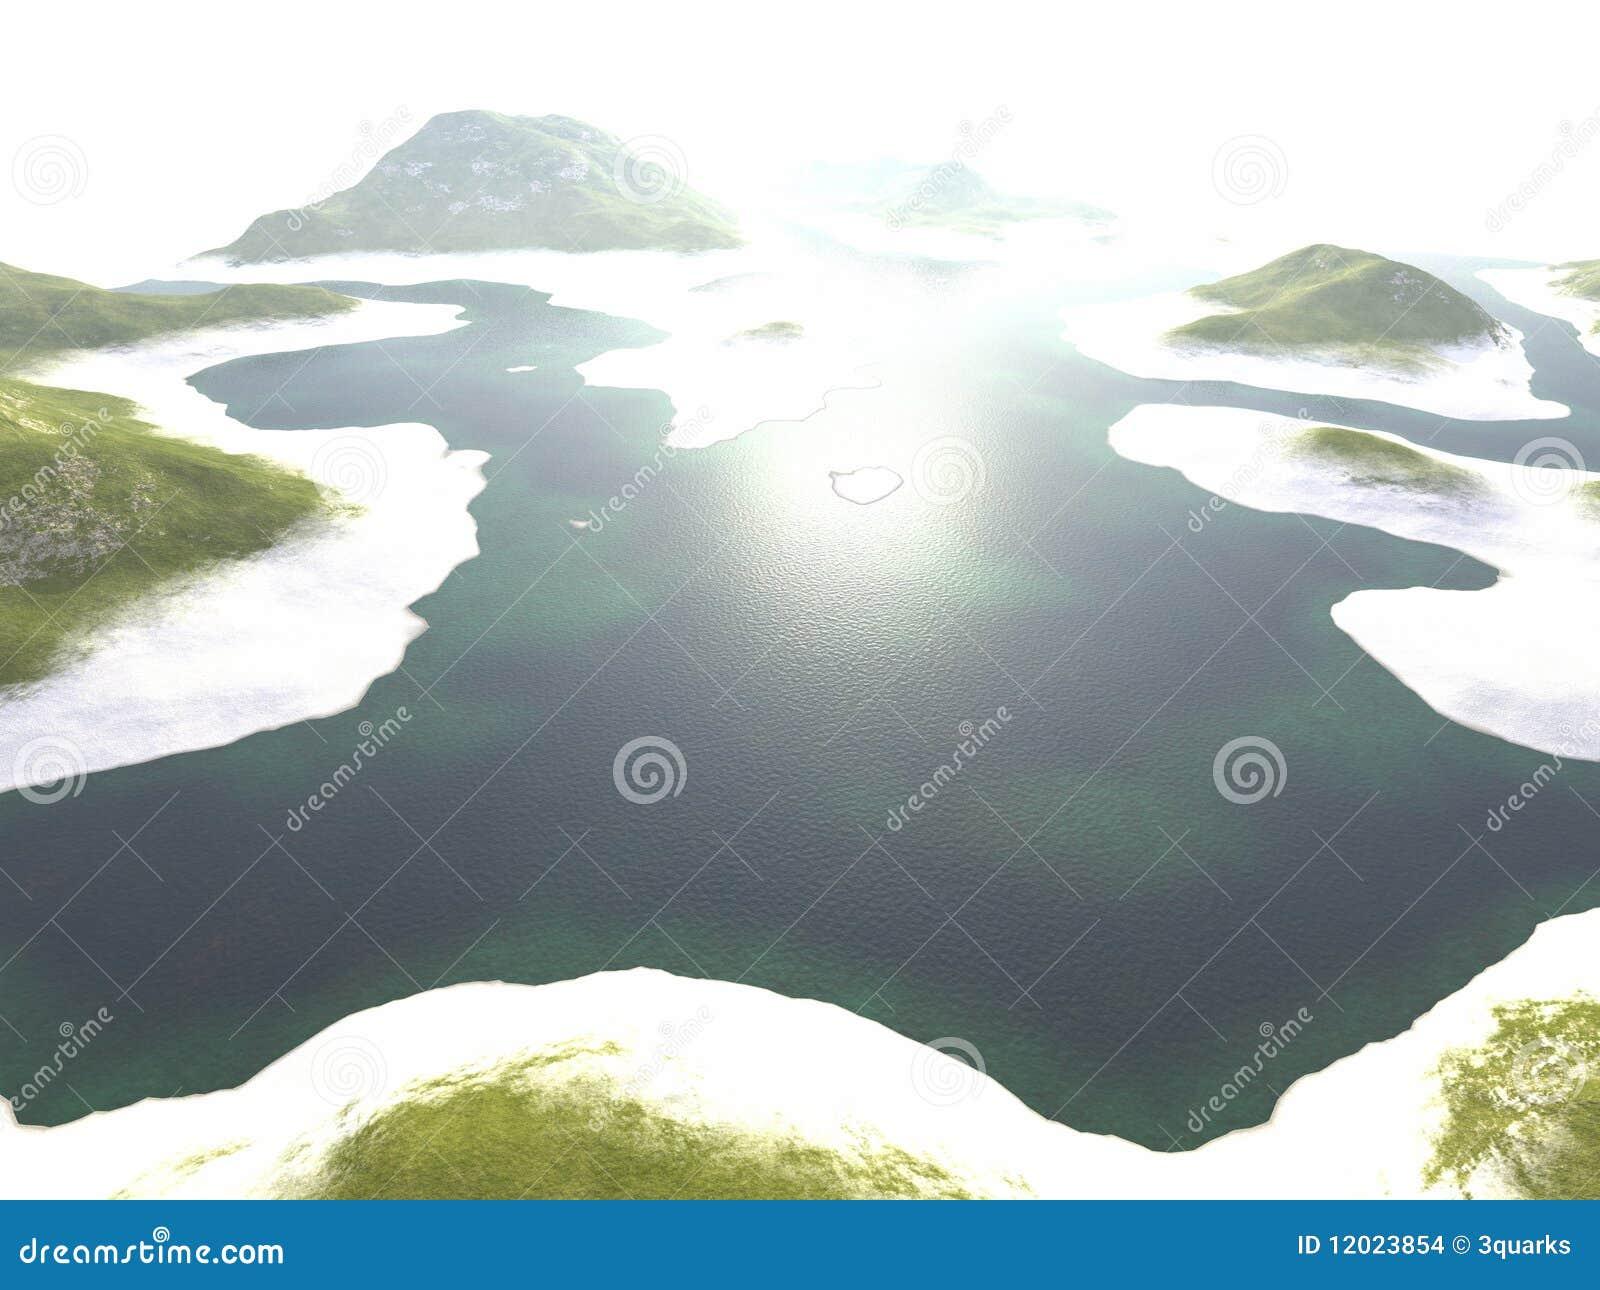 Digitale visualisatie van een landschap